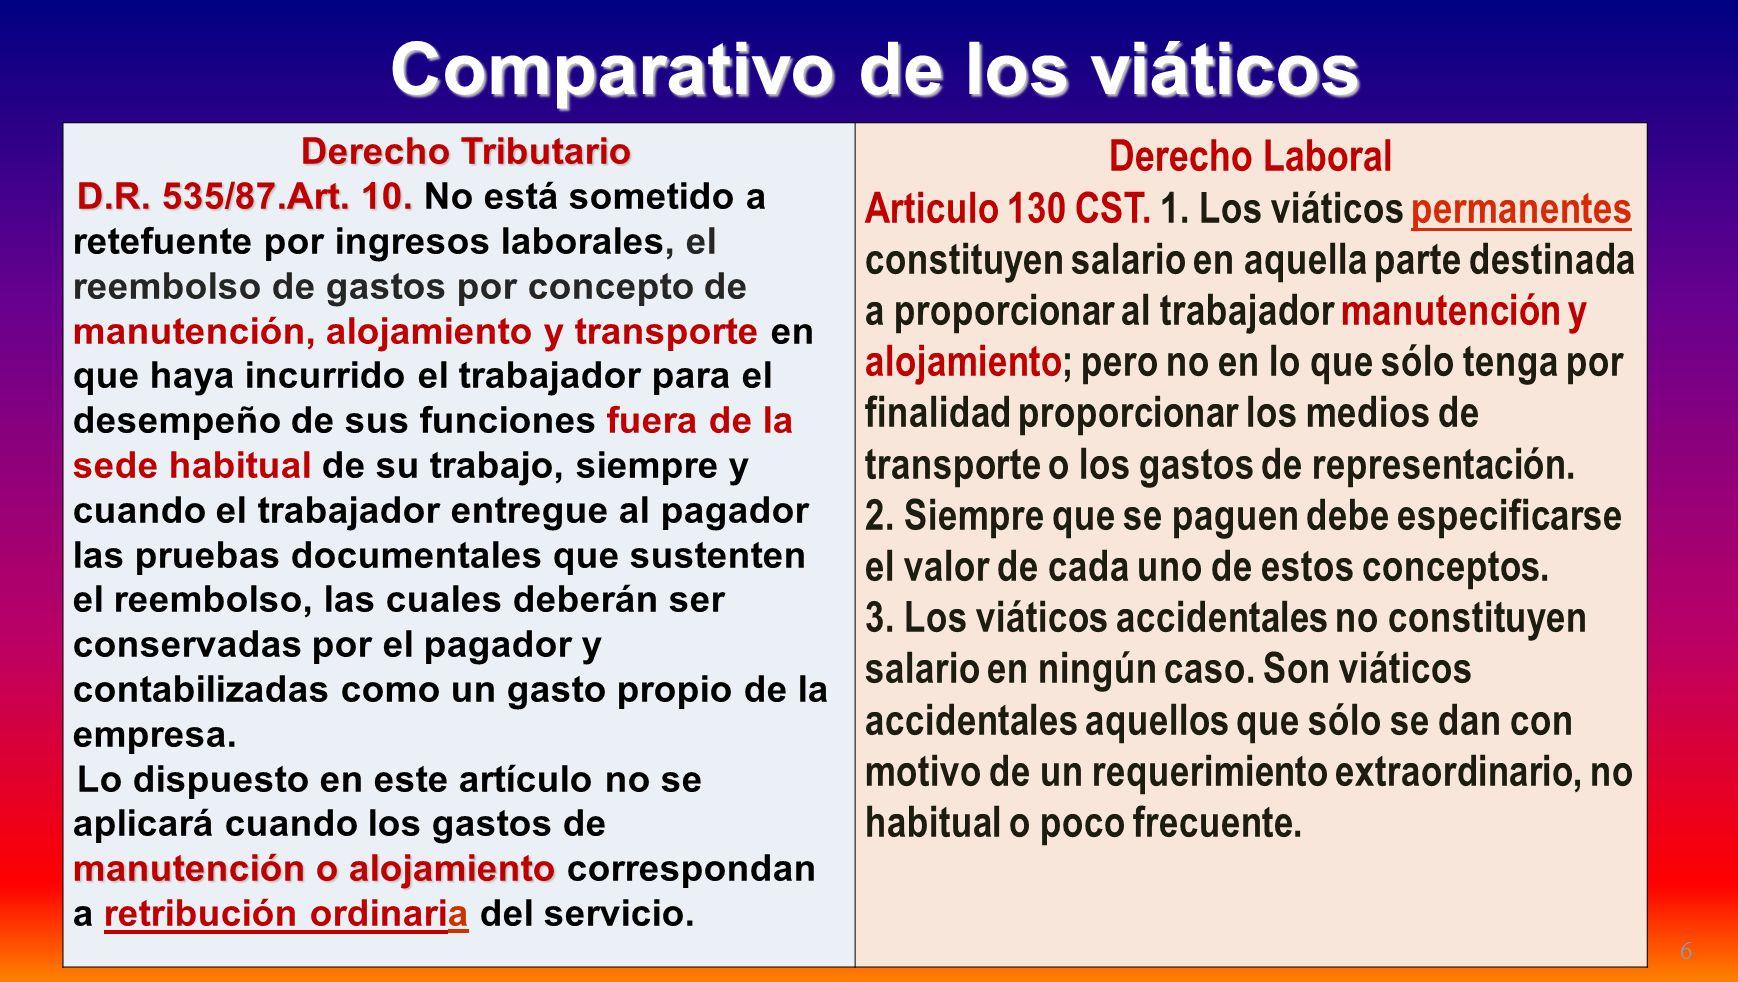 6 Comparativo de los viáticos Derecho Tributario Derecho Tributario D.R. 535/87.Art. 10. D.R. 535/87.Art. 10. No está sometido a retefuente por ingres